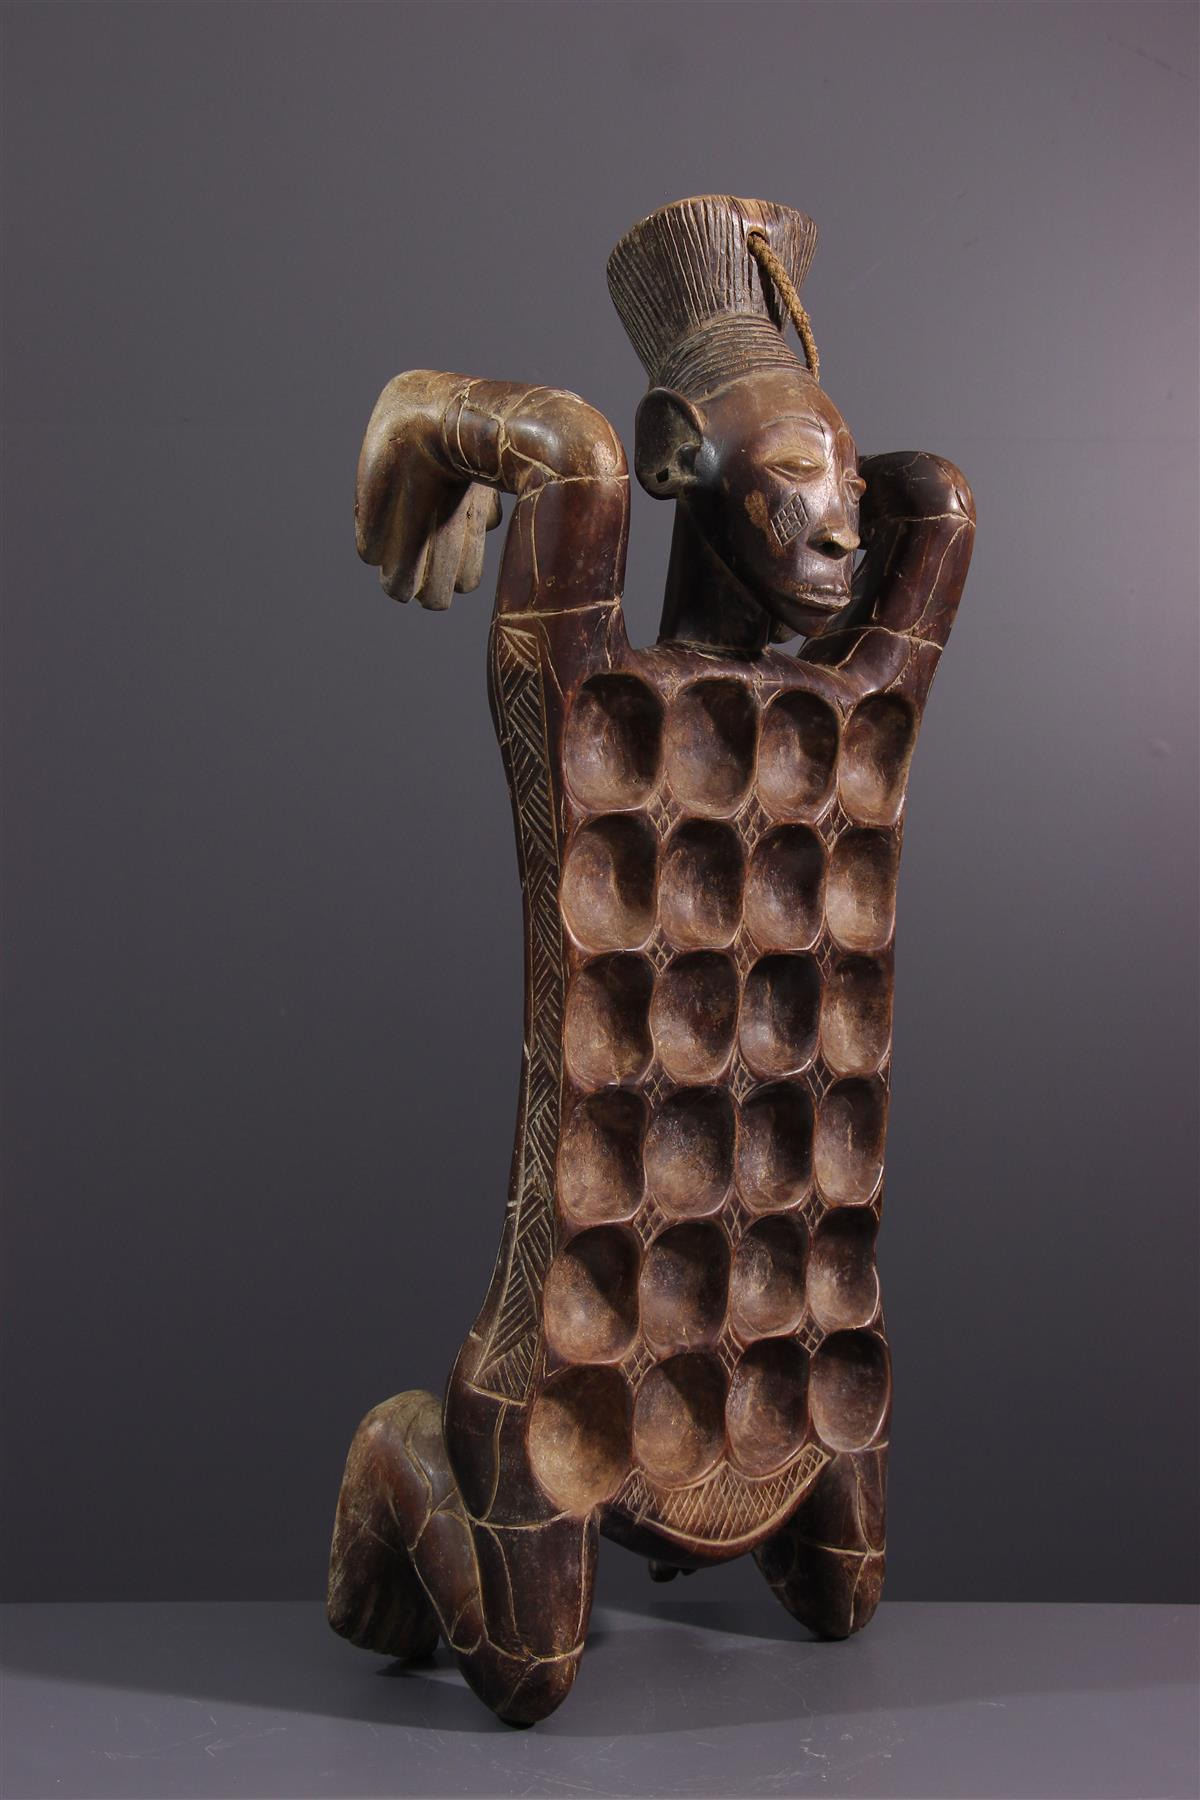 Mangbetu awale  - Tribal art